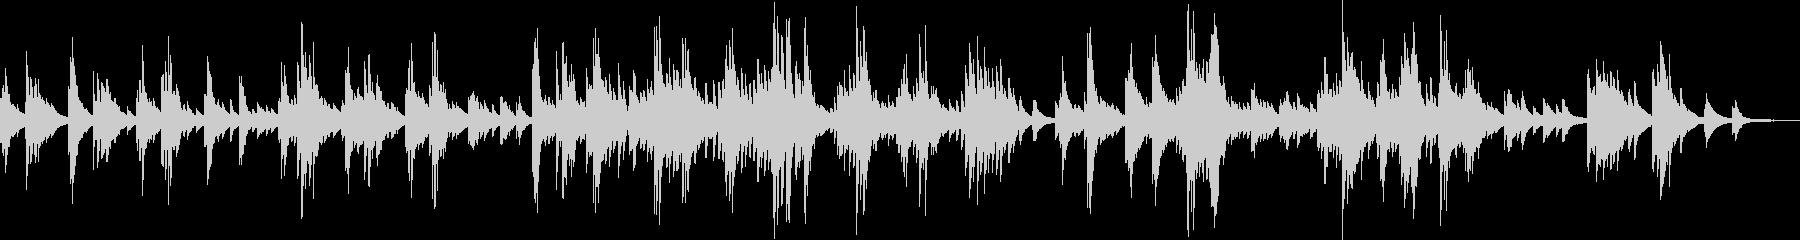 優しくて切ない、感動的なピアノバラードの未再生の波形